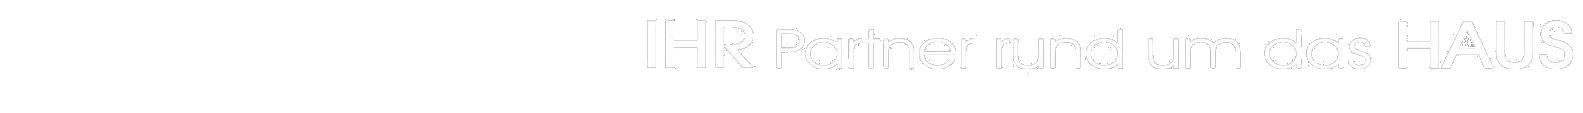 ROBERT SCHNELL - Ihr Partner rund um das Haus | Handel mit Fenster, Haustüren, Sonnenschutz, Insektenschutz, Baustoffhandel, Natursteinhandel und Garagentore aus Schwanenstadt im Bezirk Vöcklabruck/OÖ